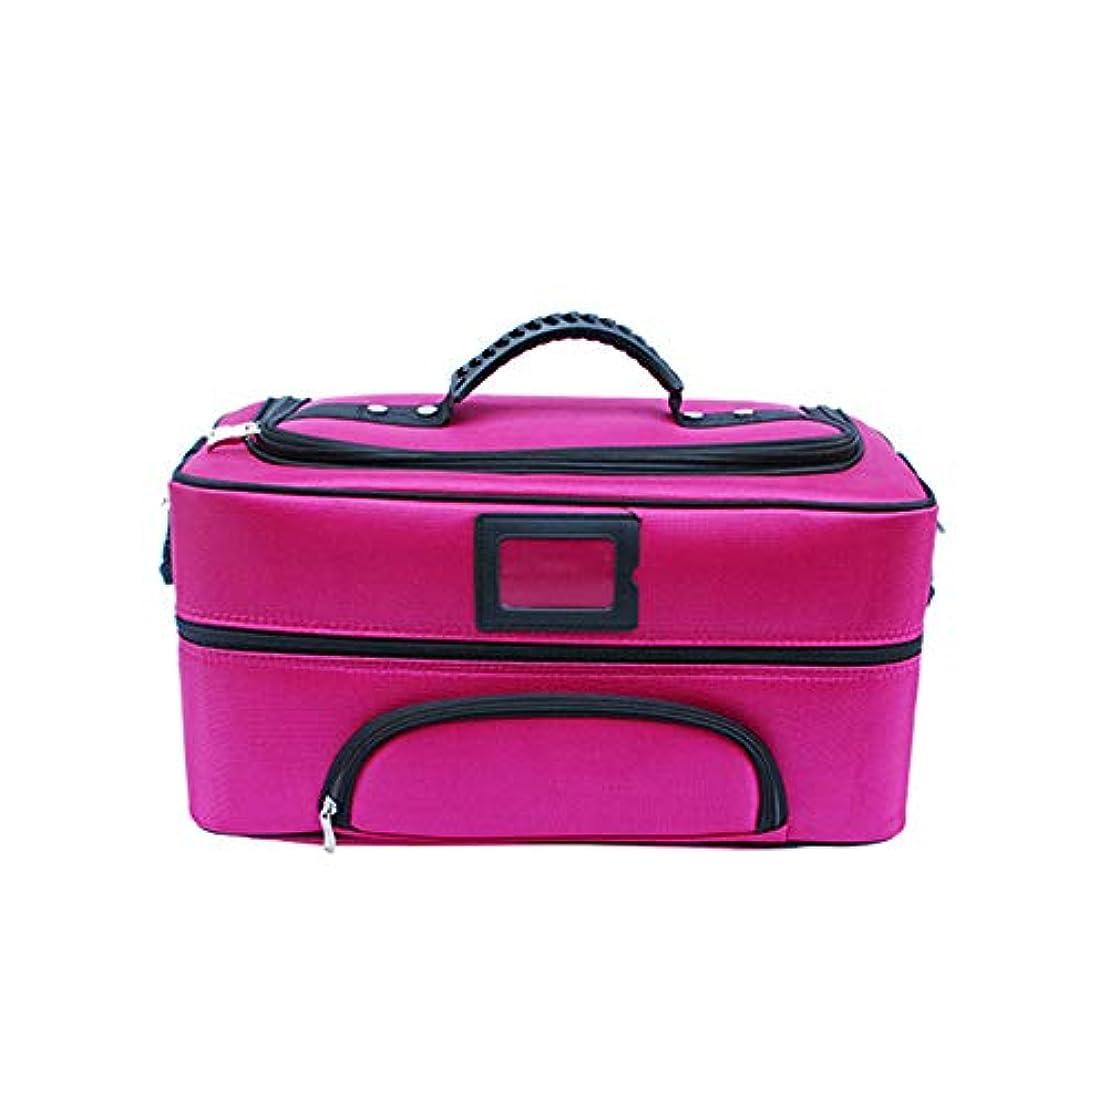 化粧オーガナイザーバッグ ジッパーで旅行と毎日のストレージのための美容メイクアップのポータブルカジュアルメイク化粧品収納ケース 化粧品ケース